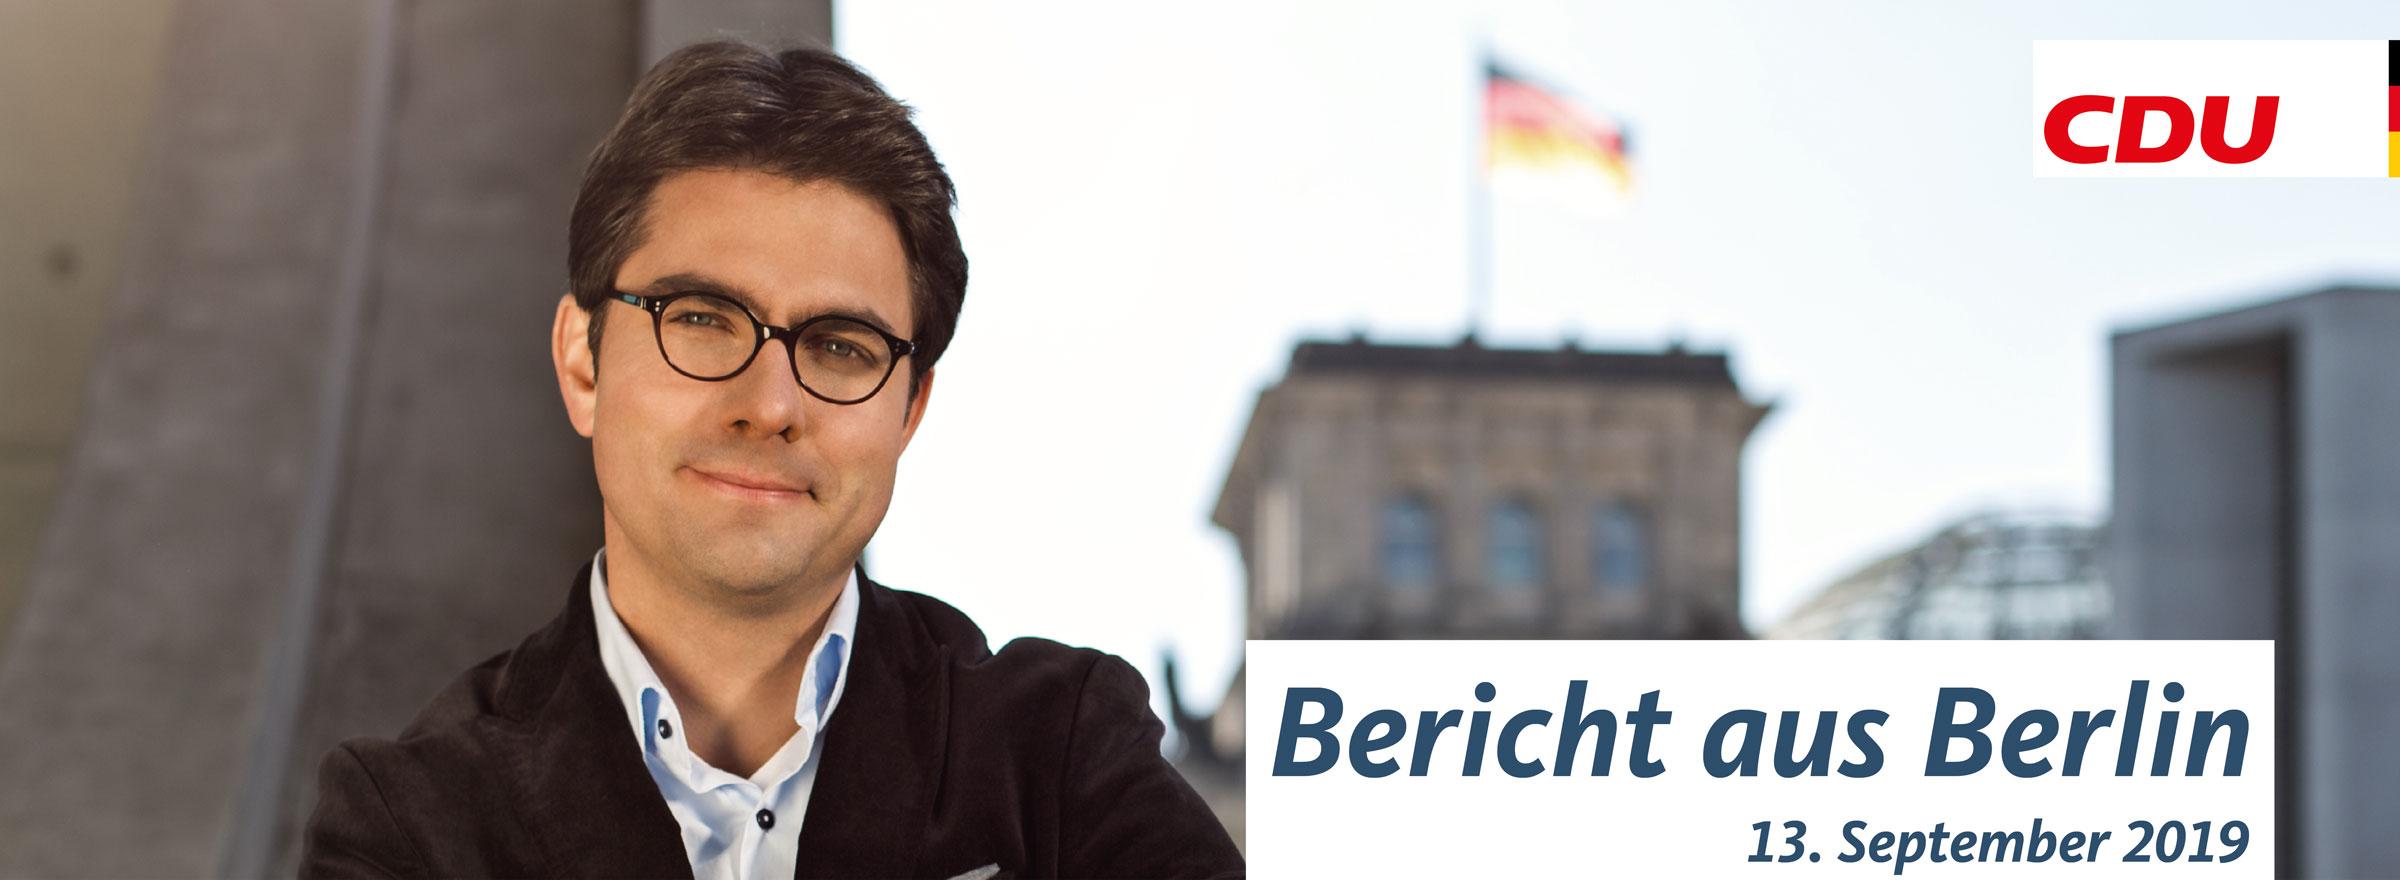 2019-09-13 Bericht aus Berlin - Beitragsbild